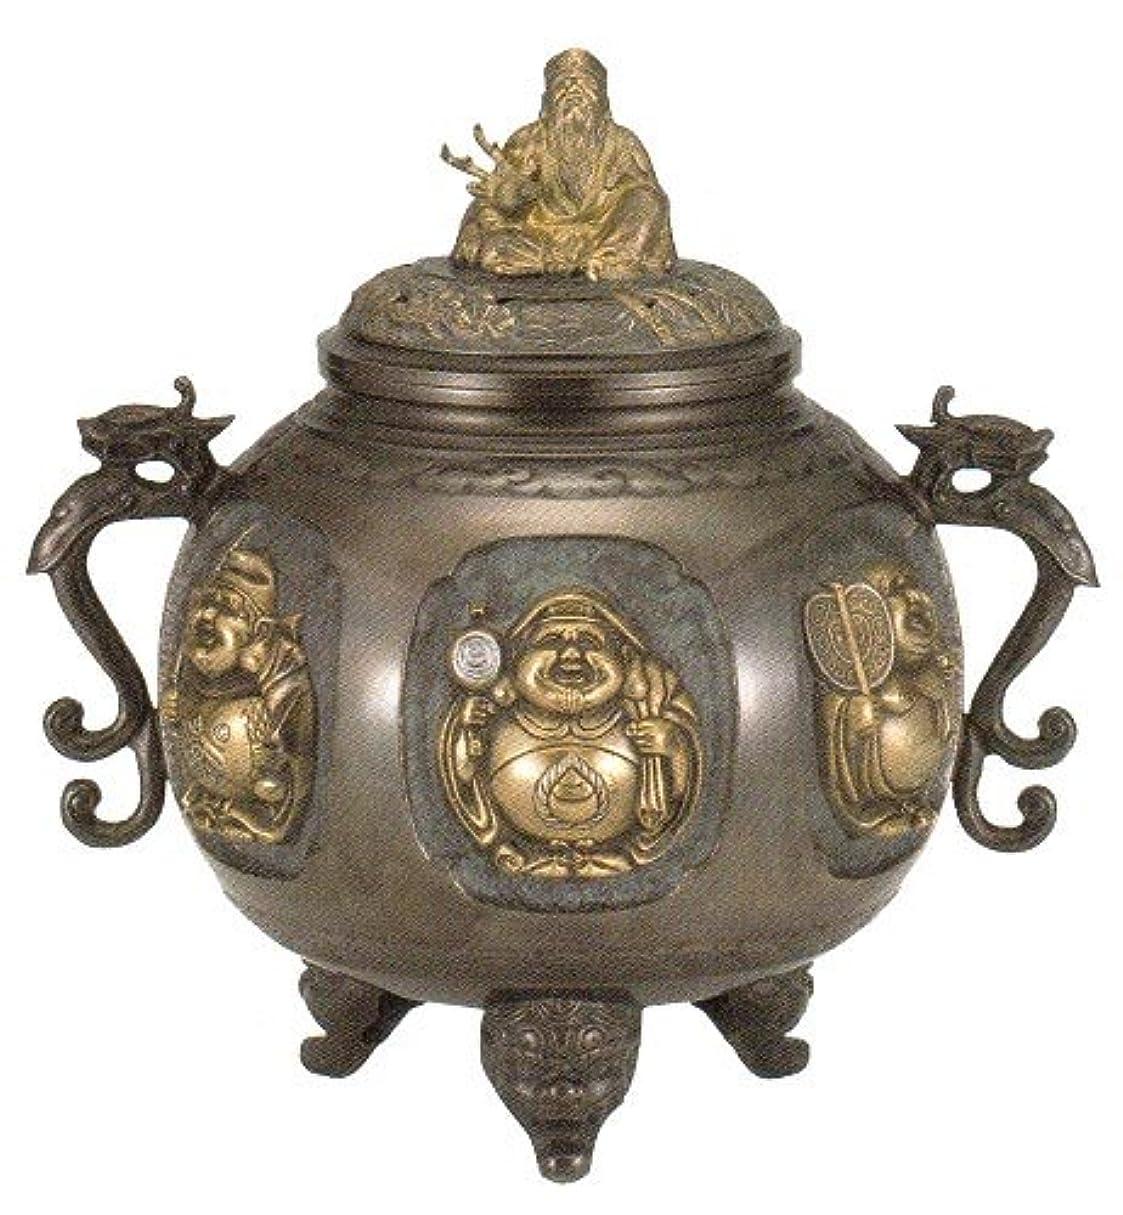 消毒剤ジェームズダイソンポーク香炉 特大 七福神(さしメッキ)高岡銅器 青銅製 高さ31×幅30×奥行24.5cm